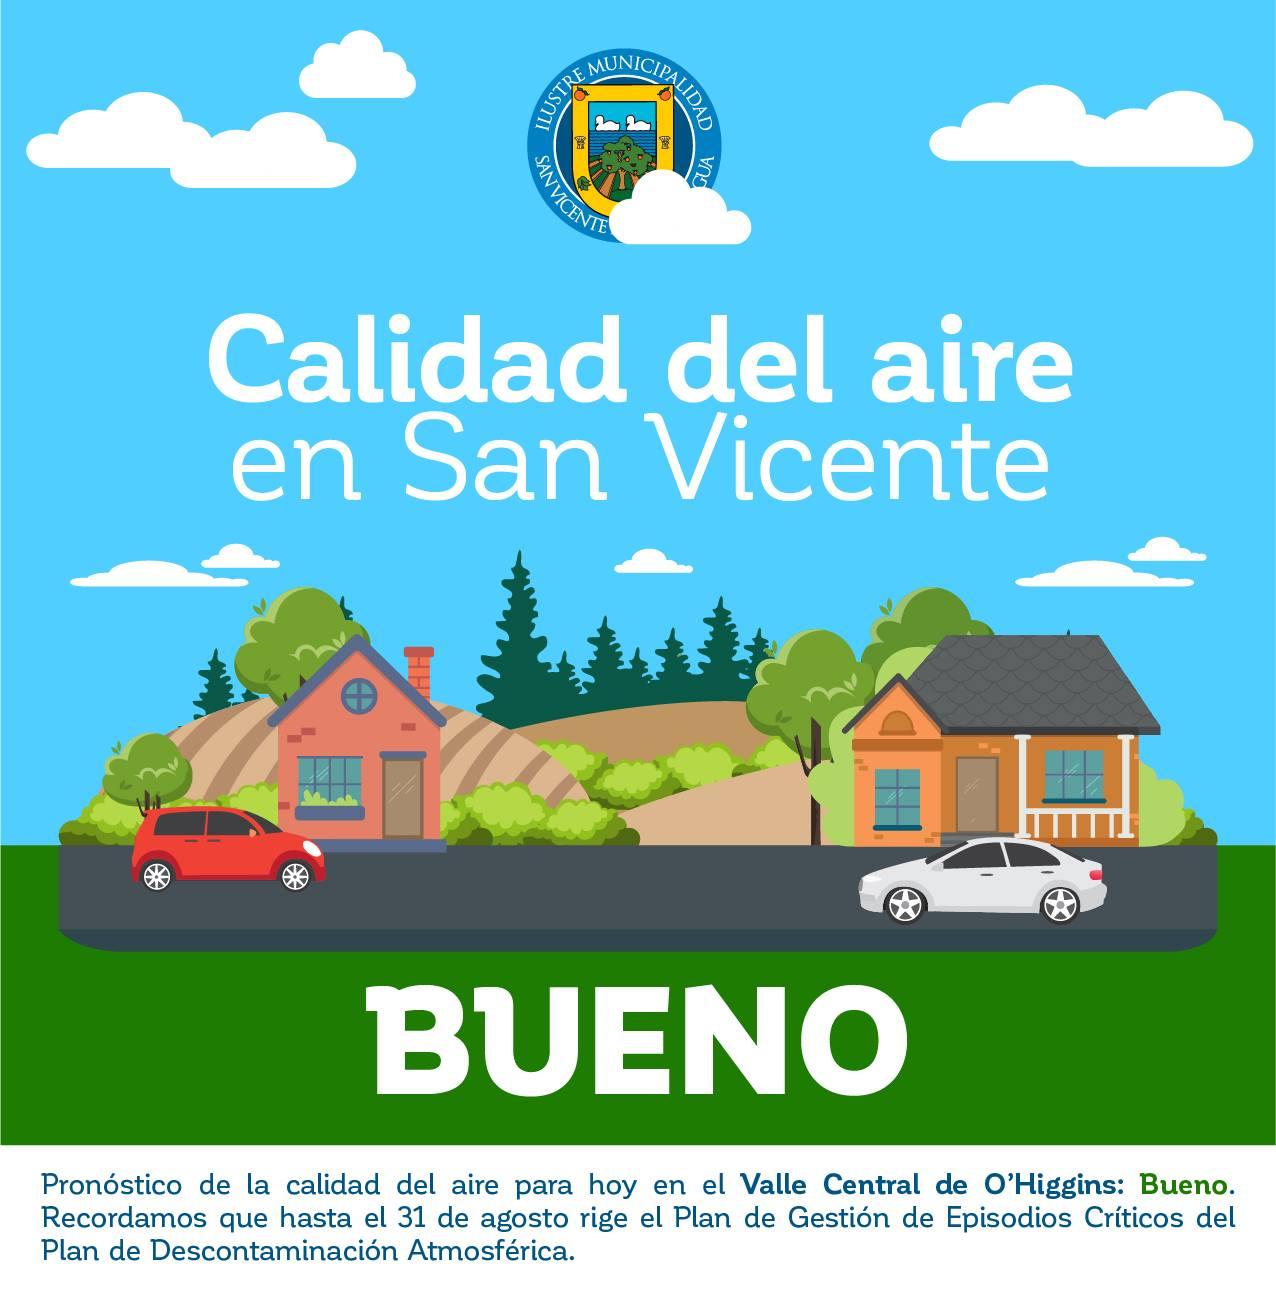 CALIDAD DEL AIRE EN SAN VICENTE DE TAGUA TAGUA MIÉRCOLES 15 DE ABRIL: BUENO